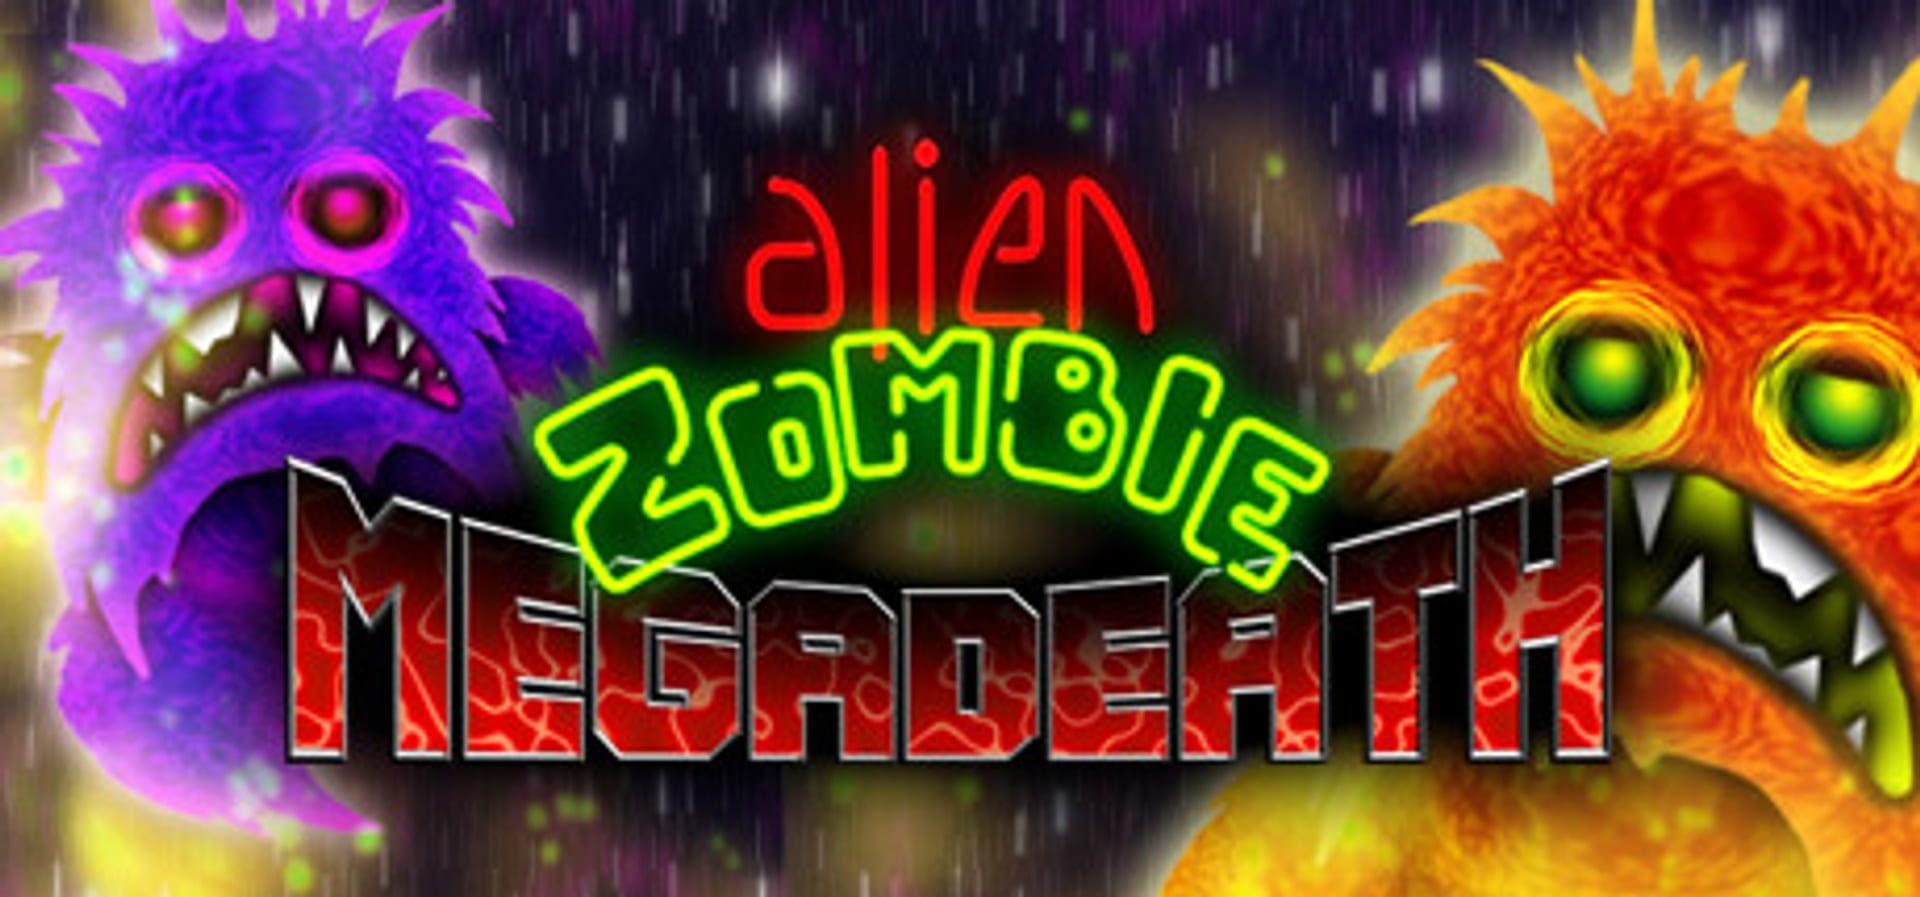 buy Alien Zombie Megadeath cd key for pc platform